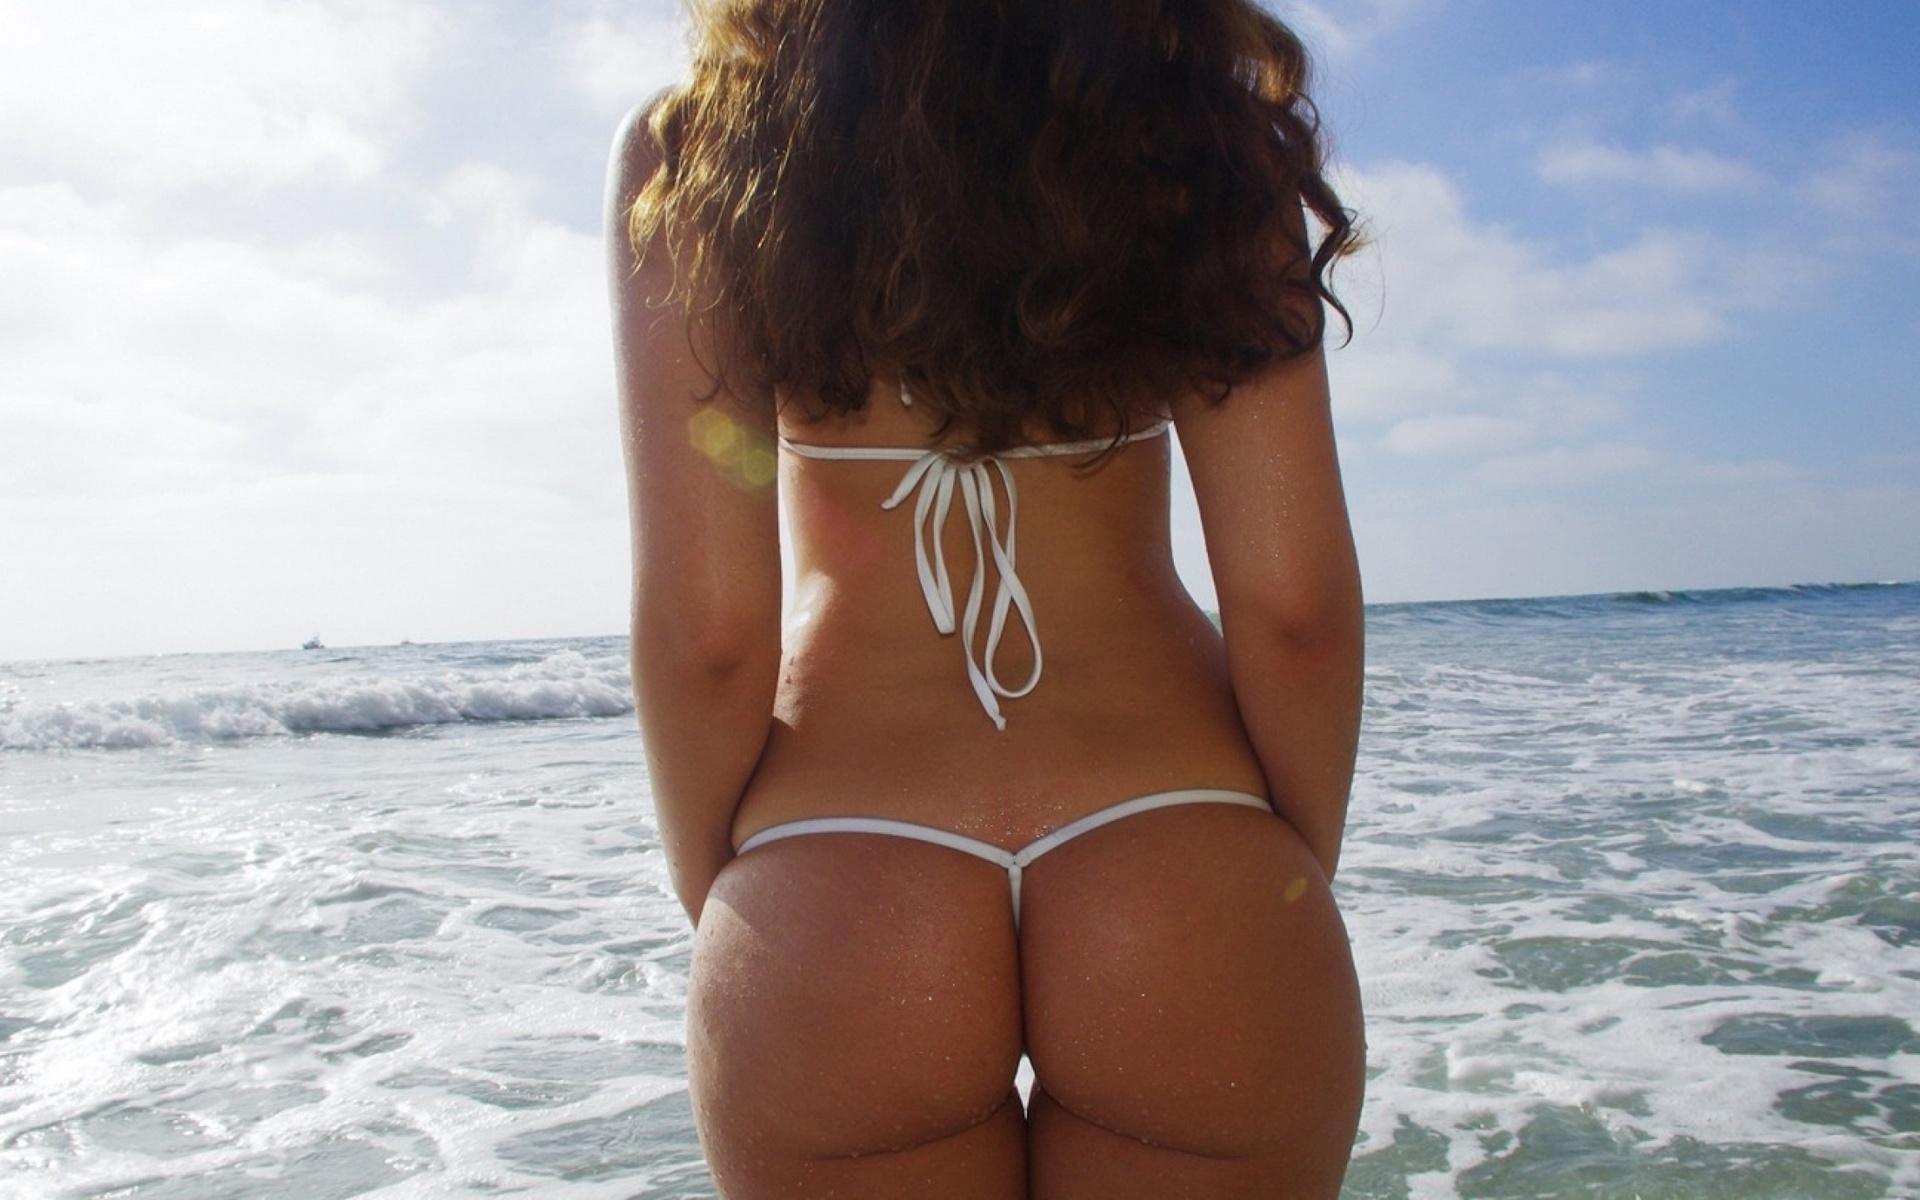 Телки с большими попками фото, Большие задницы - фото голых и огромных задниц 23 фотография